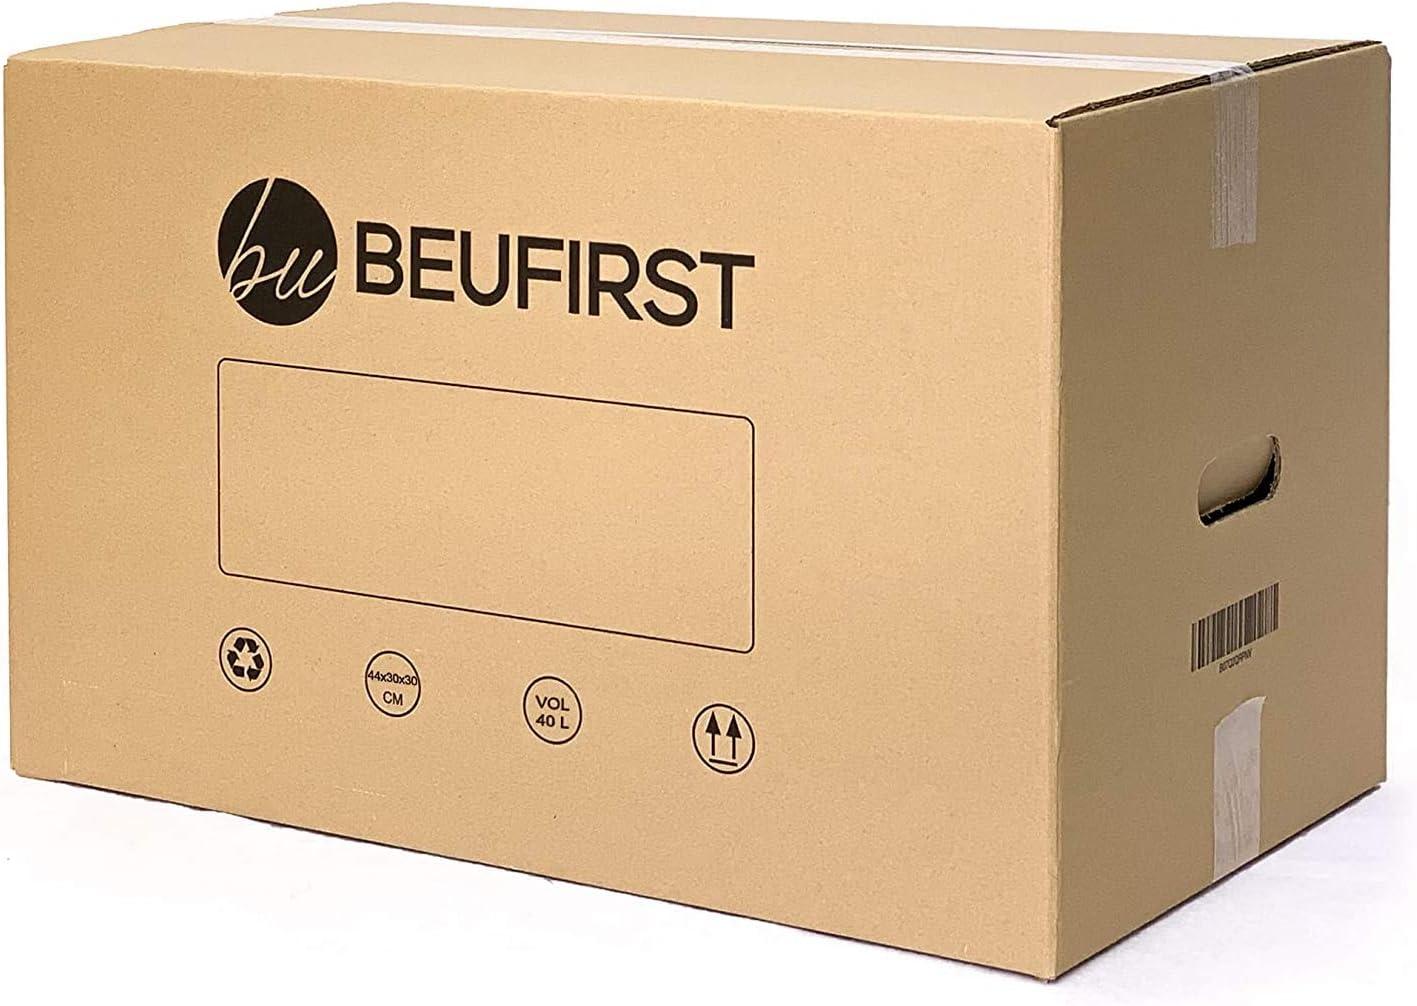 Pack de 10 Cajas Cartón Mudanza con Asas (440x300x300 mm) Alto Gramaje en canal simple Reforzado, con cartón ecológico, para Transporte o Almacenaje y Reutilizables: Amazon.es: Oficina y papelería